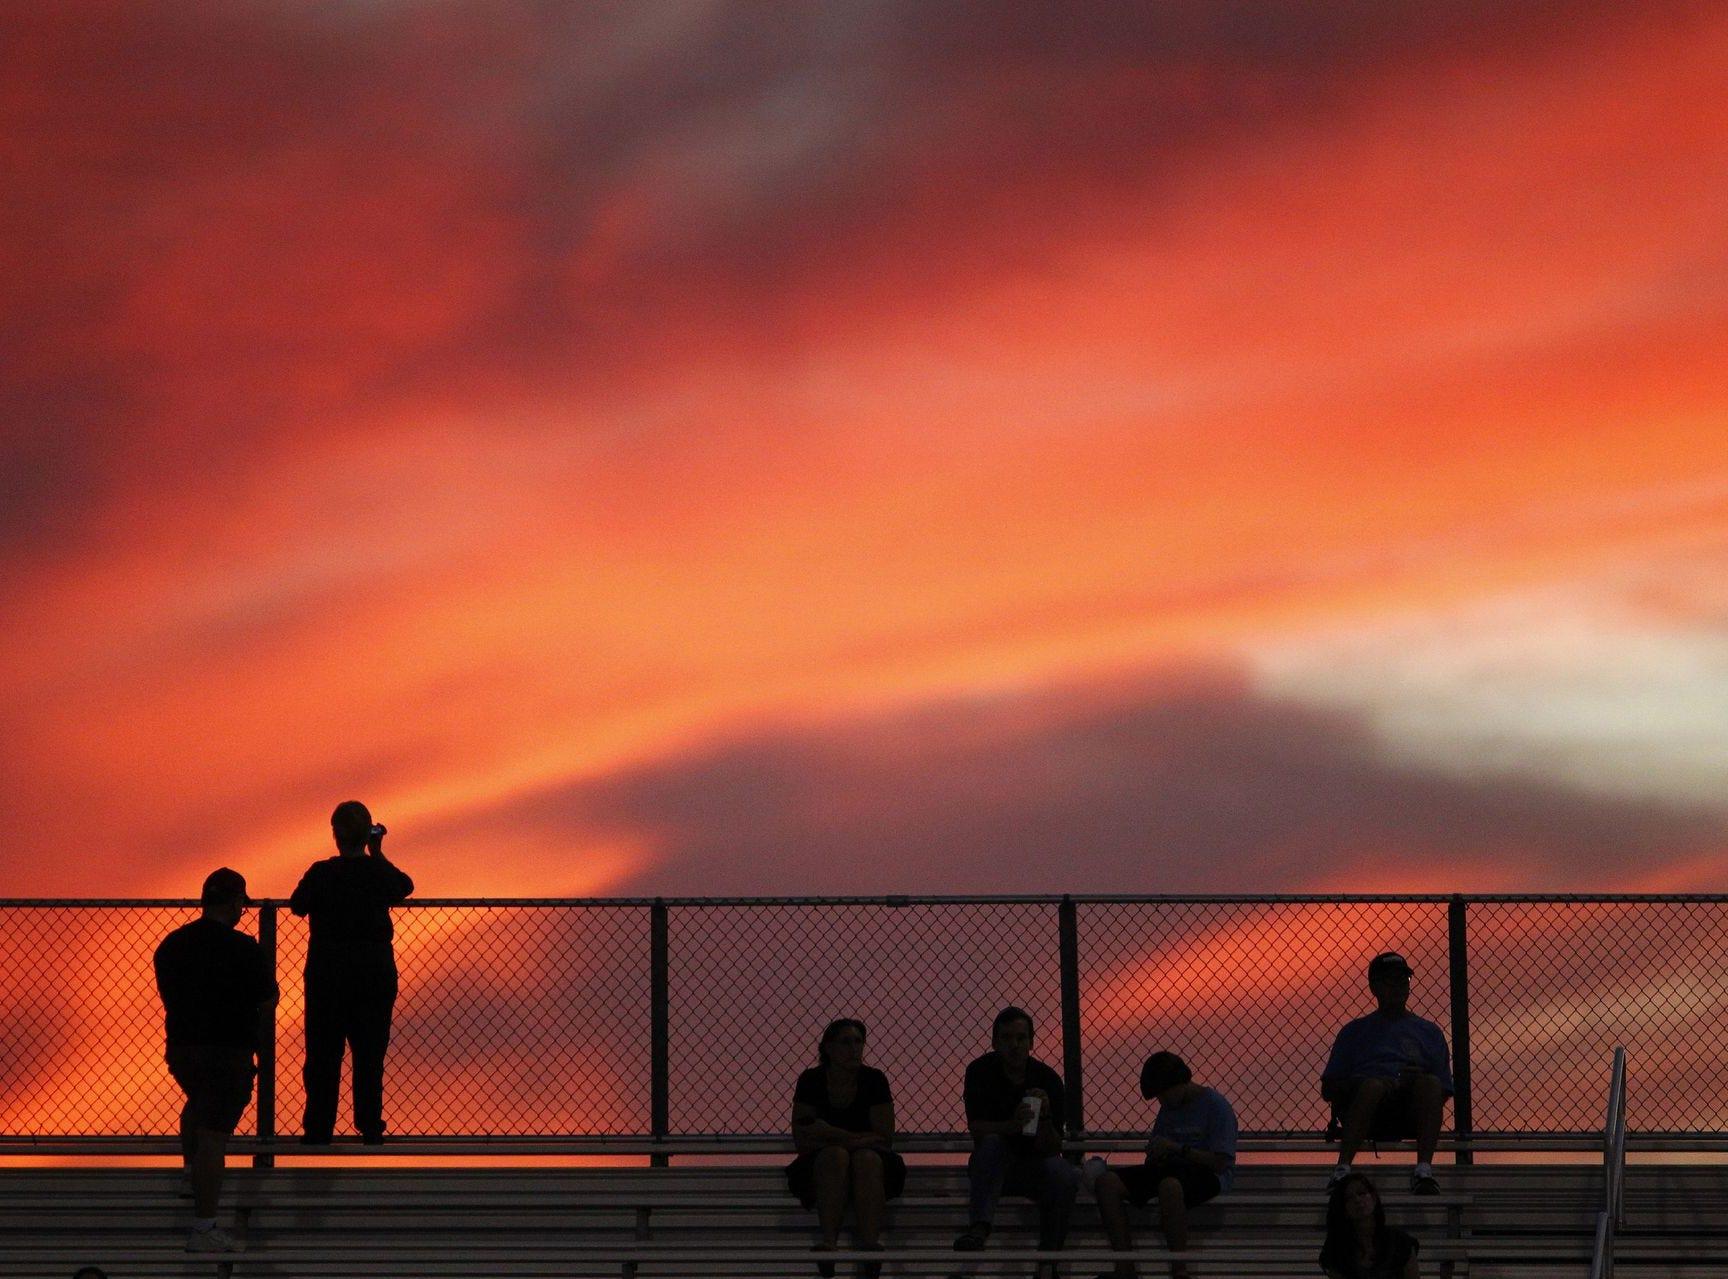 Los fanáticos del fútbol americano ven la puesta de sol mientras los equipos  Desert Vista y Hamilton se preparan para enfrentarse el viernes 5 de octubre de 2012 en Chandler.